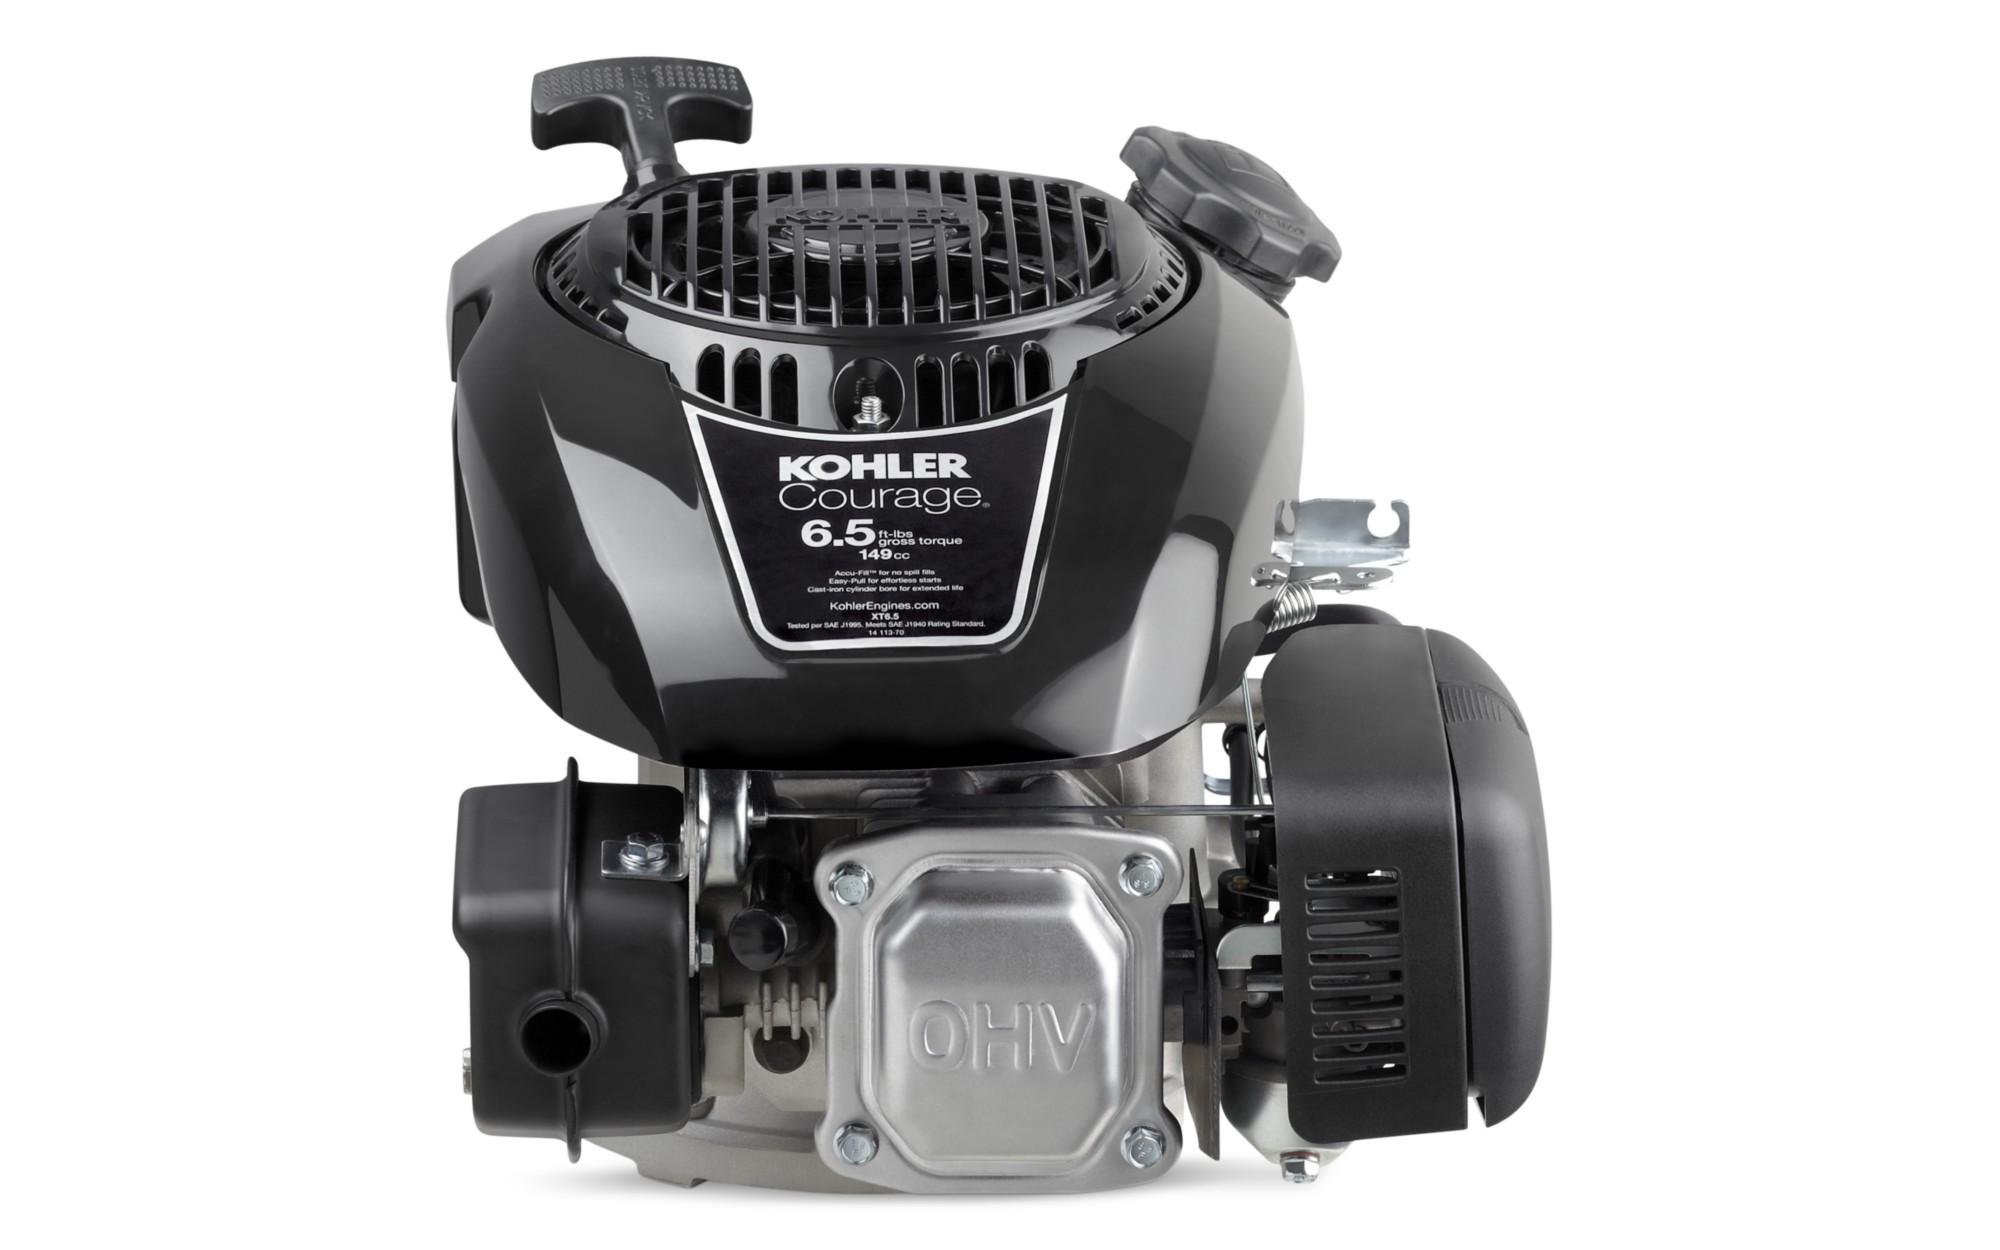 Xt65 Xt Series Kohler Courage Engine Parts Diagram